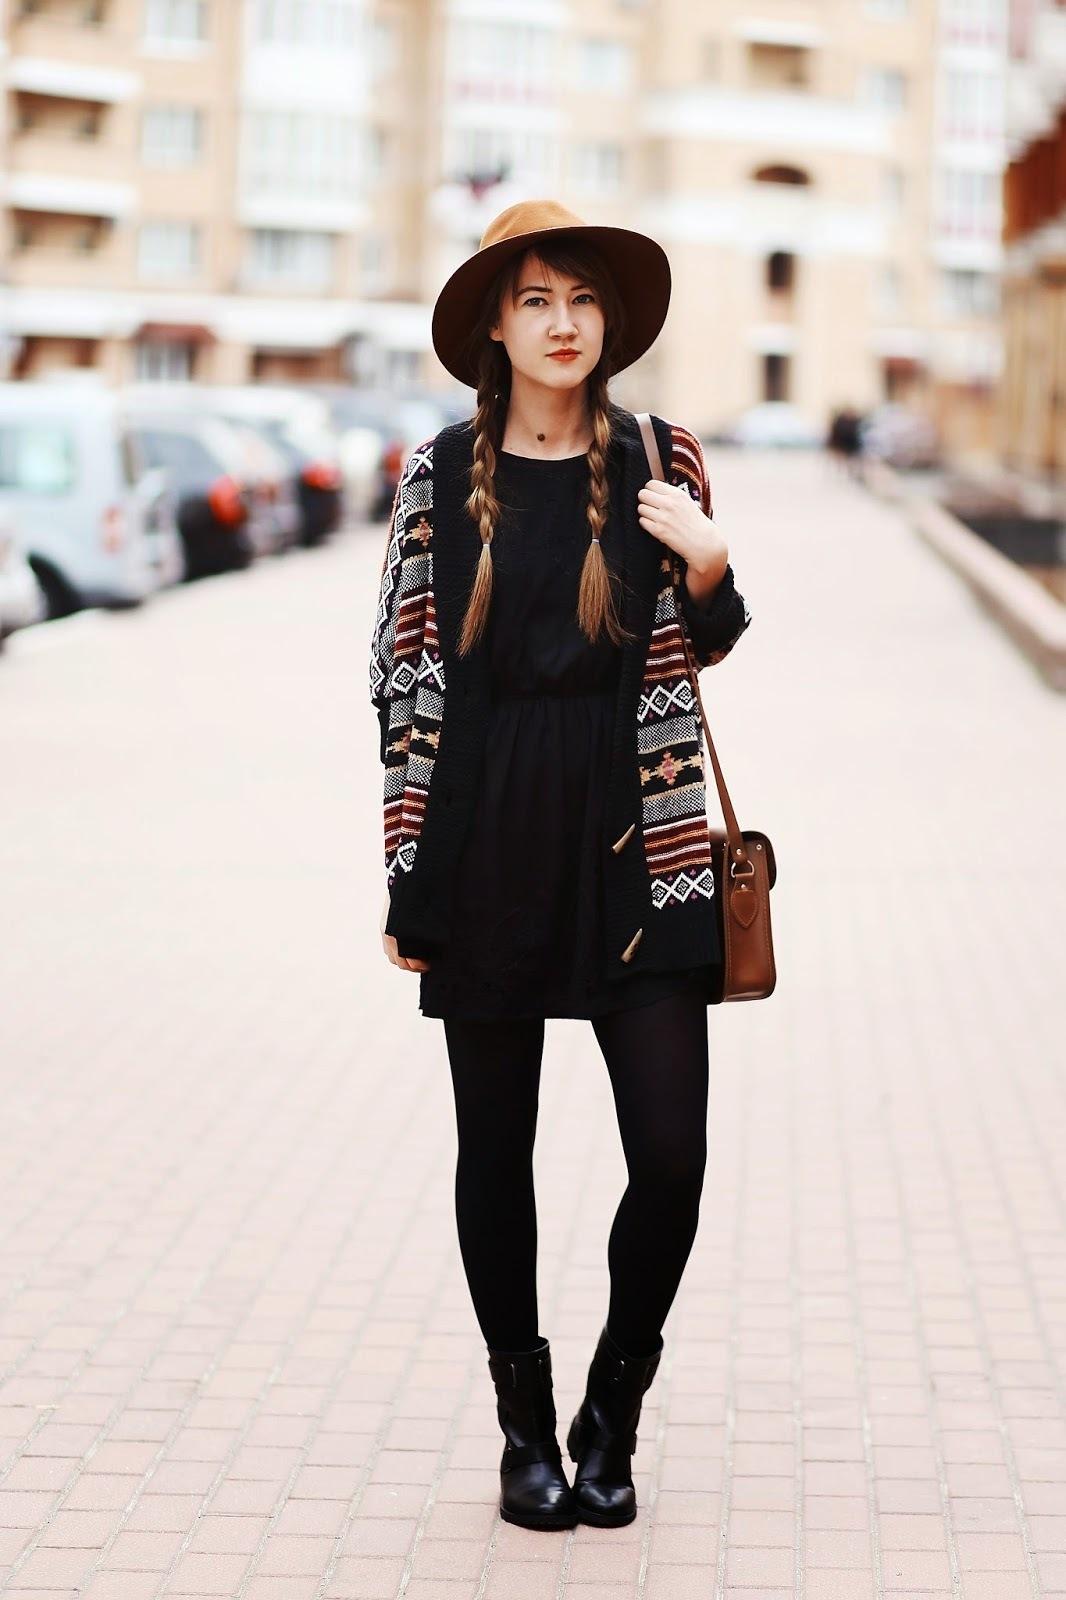 Vestidos casuales con medias negras